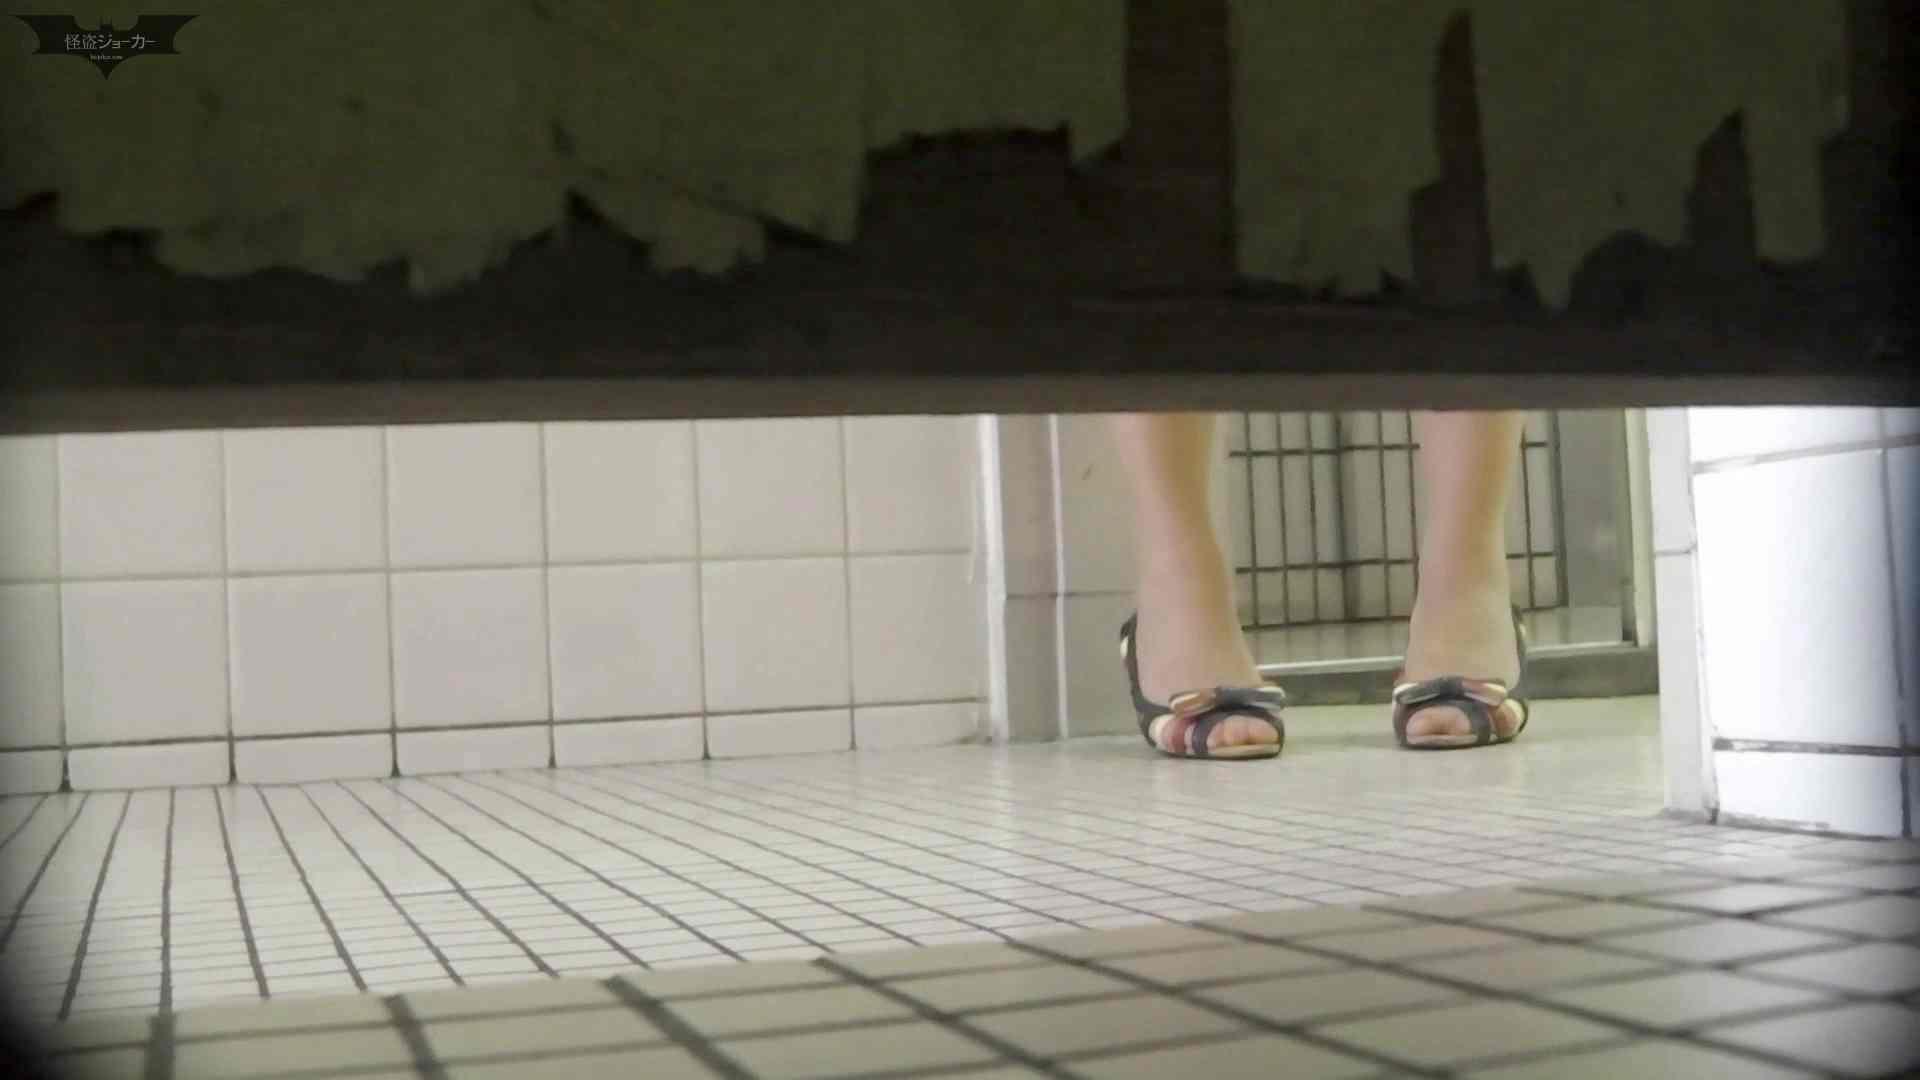 洗面所特攻隊 vol.66 珍事件発生!! 「指」で出【2015・05位】 洗面所着替え | OL  30連発 13